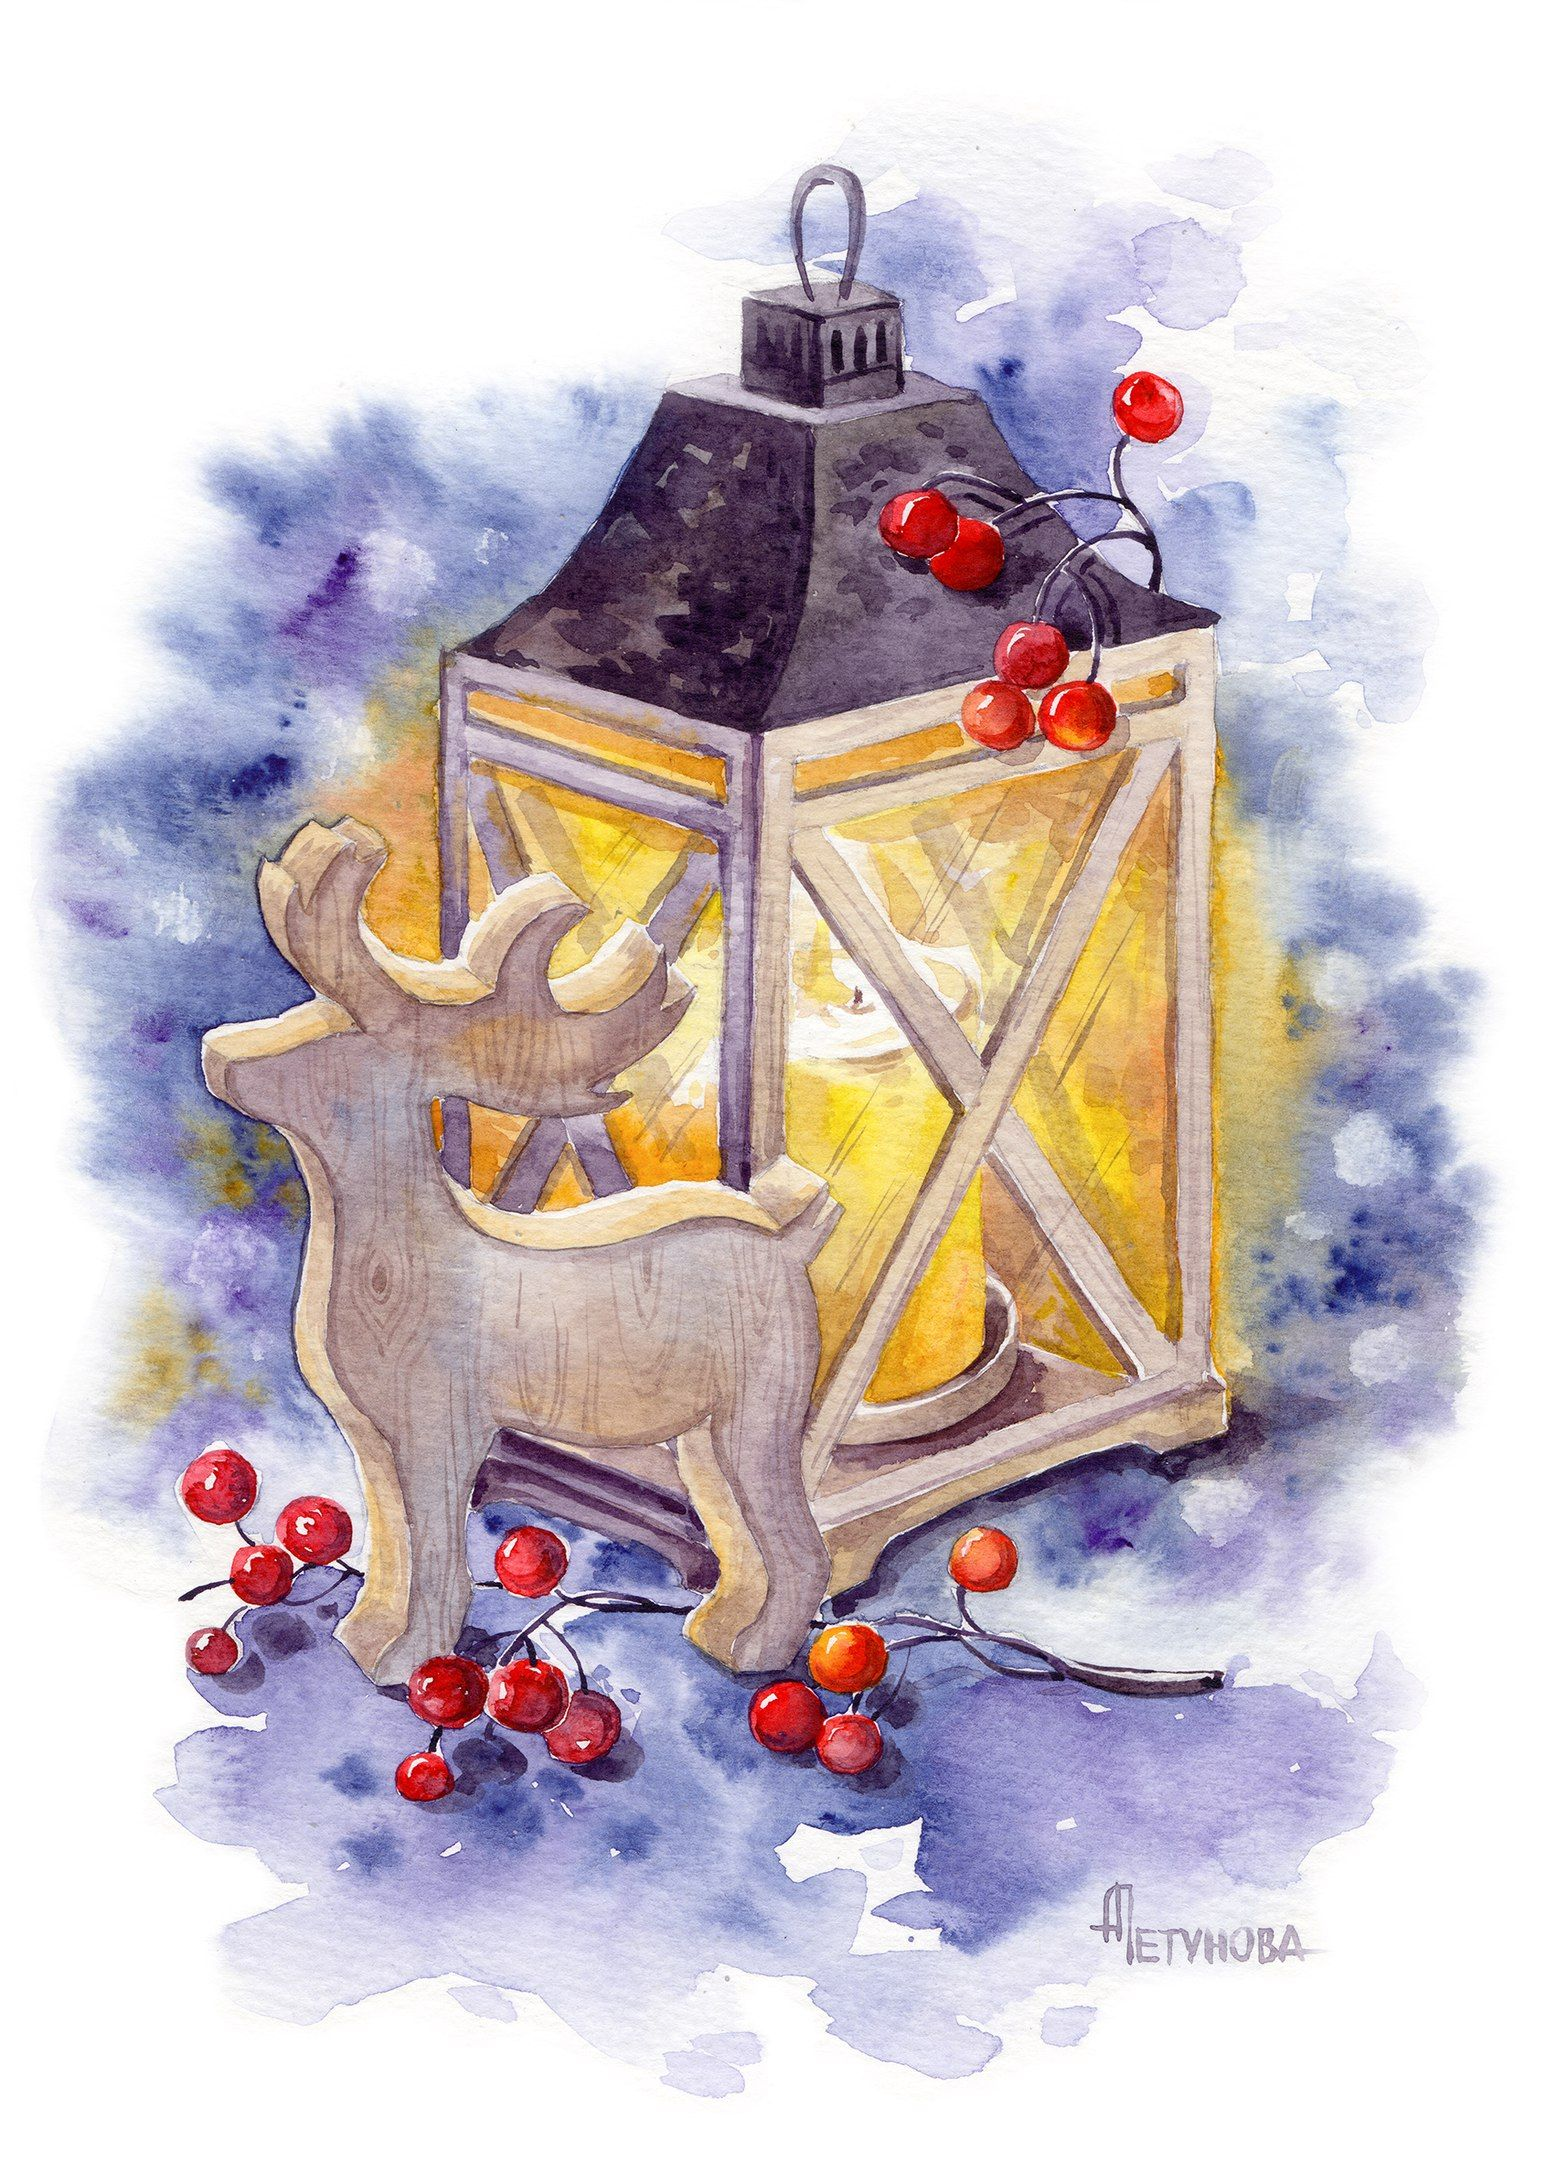 Очень красивые новогодние открытки акварель и уголь